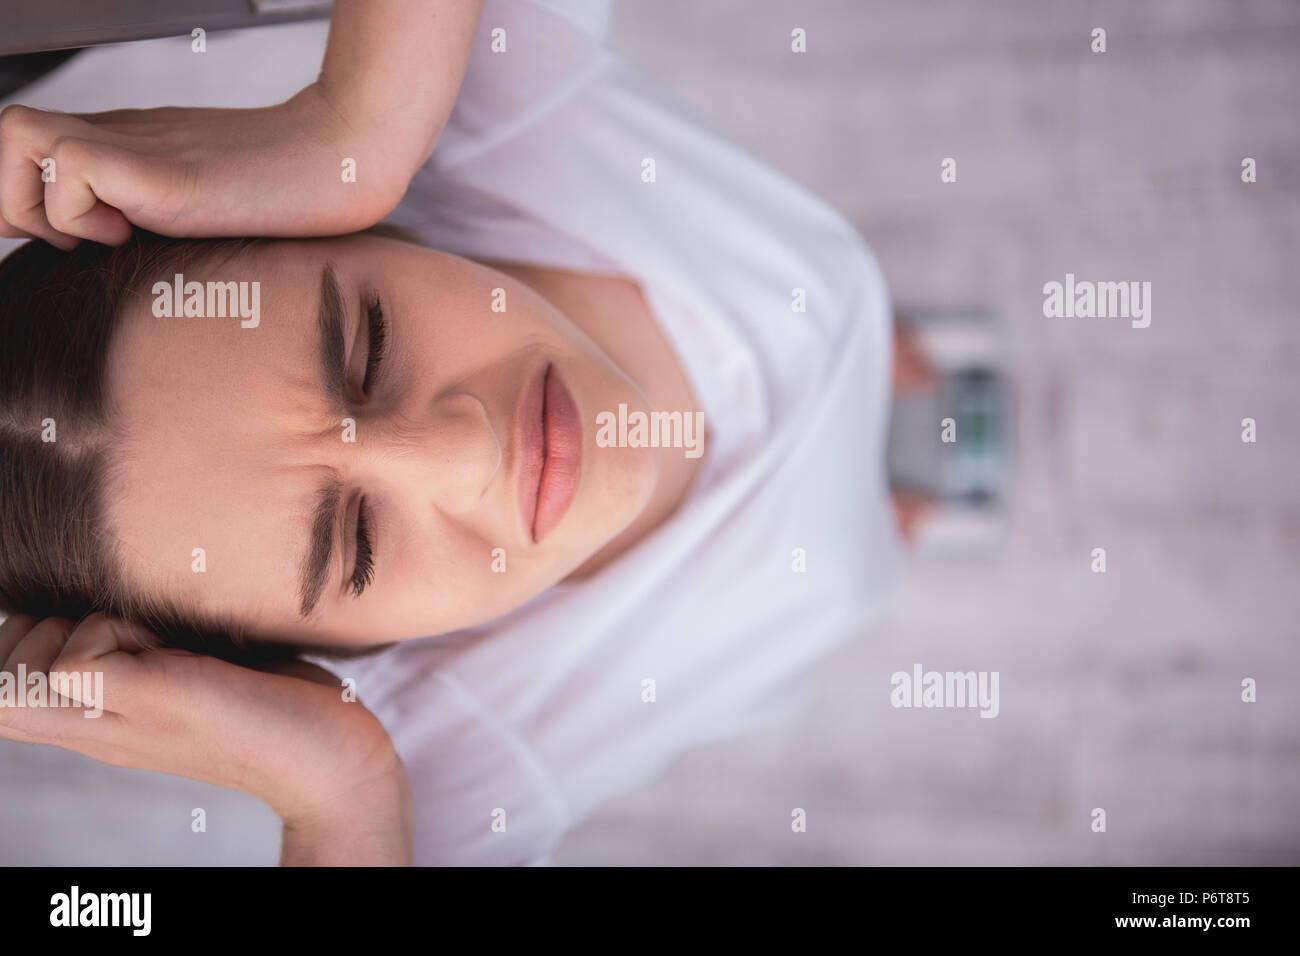 Déplut teen girl décevant avec le poids Photo Stock